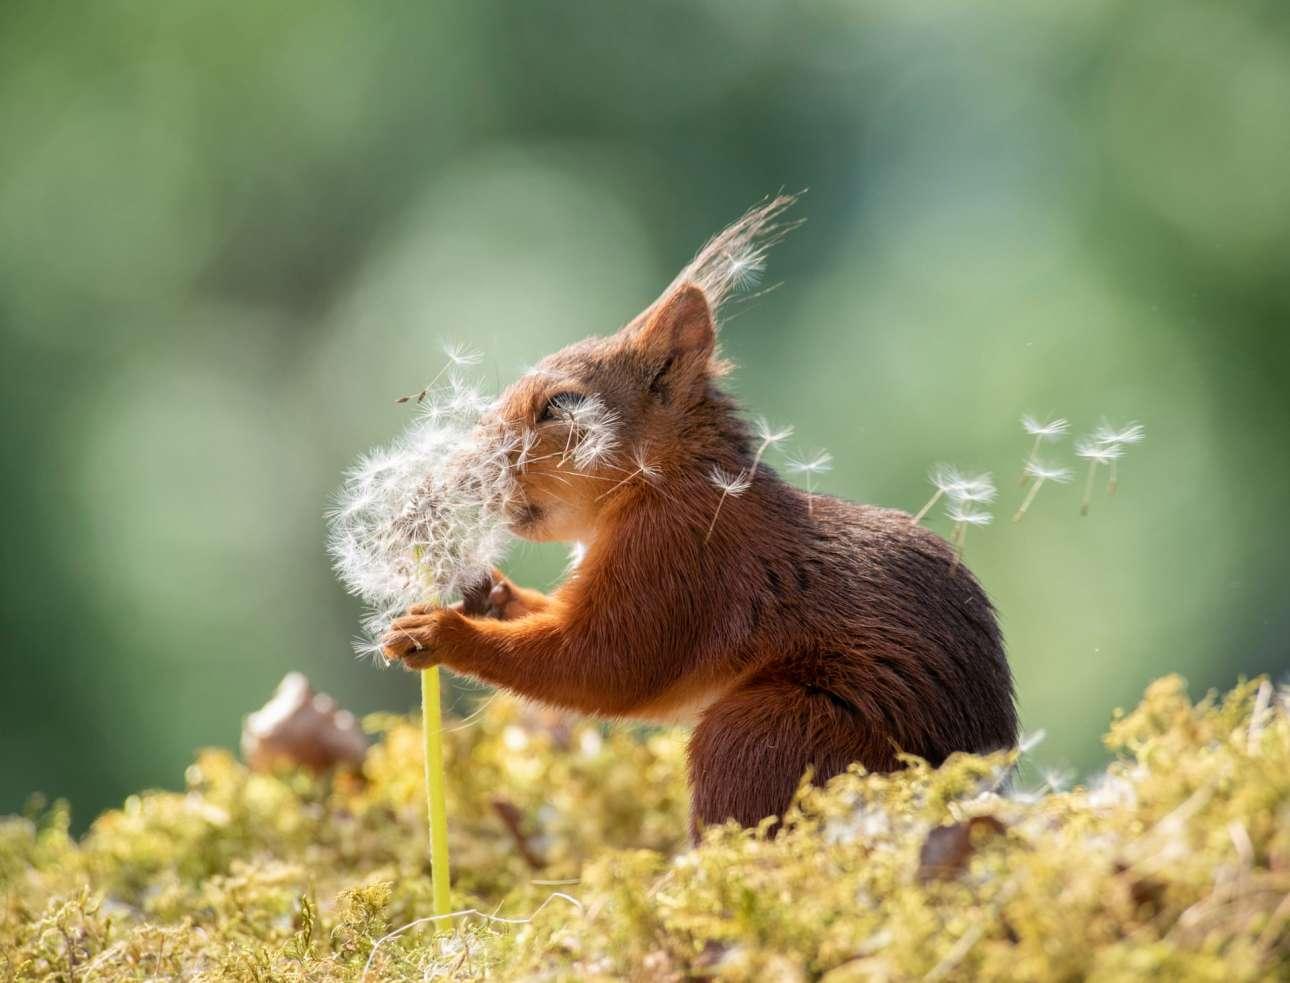 Ο κόκκινος σκίουρος παίζει με μια πικραλίδα